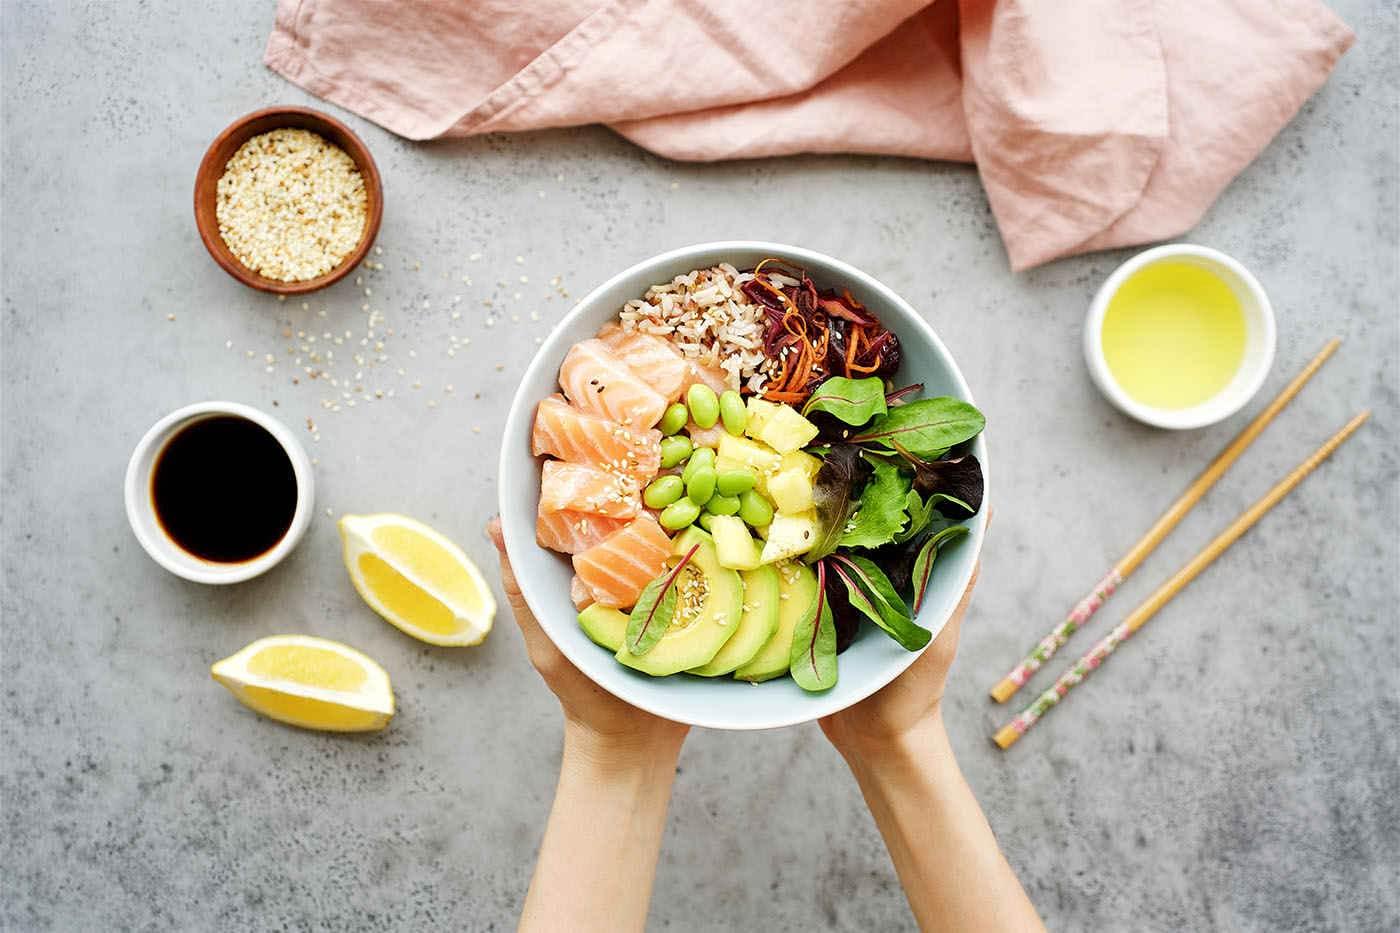 Ce alimente îmbunătățesc sănătatea femeilor?